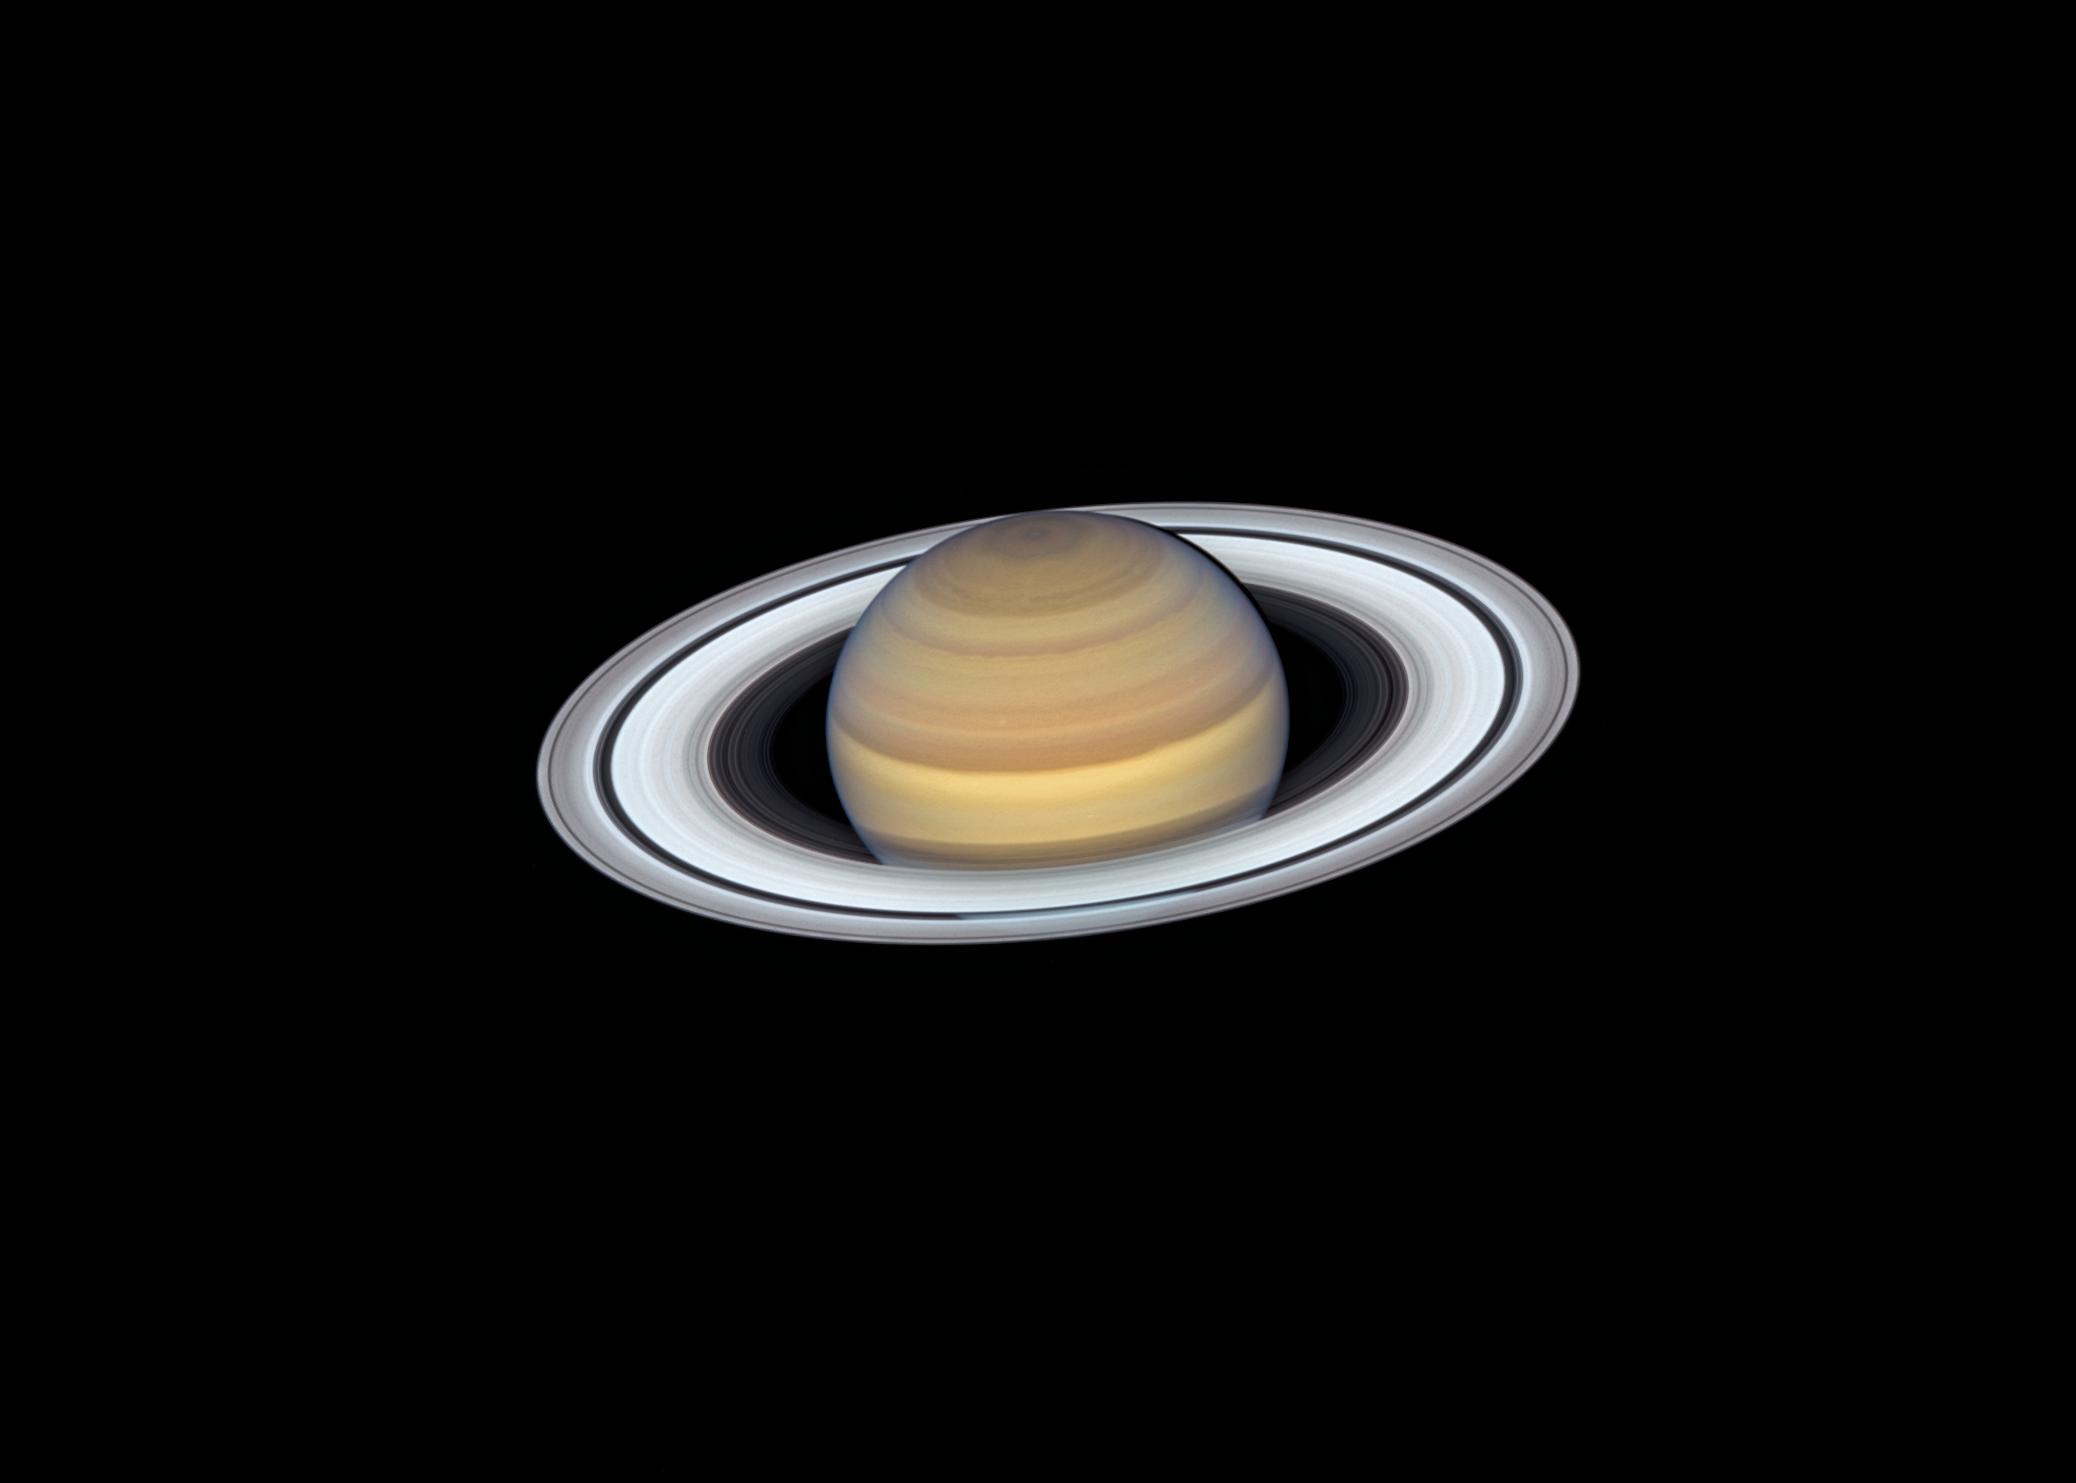 Anéis de Saturno fotografados pelo Hubble